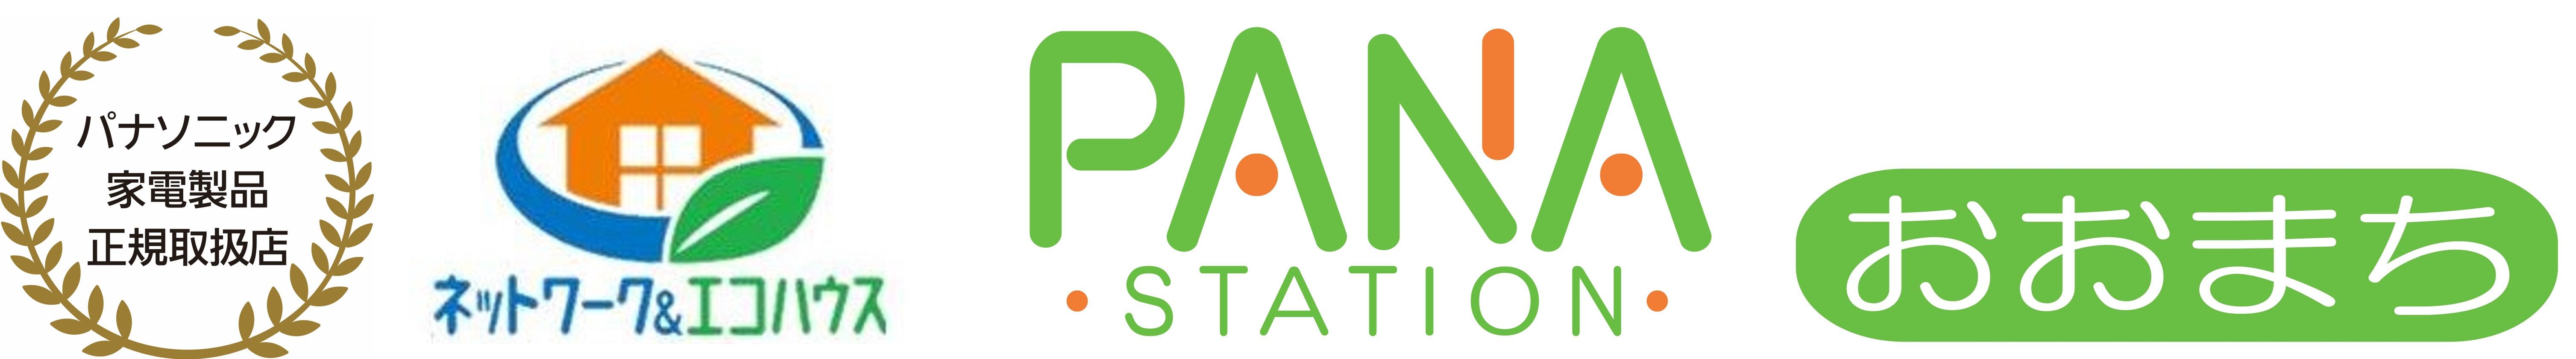 知立市での家電製品販売・修理、電球交換、購入商品の説明訪問等お困りごとは私たちパナステーションおおまちへお任せ下さい! パナステーションおおまち